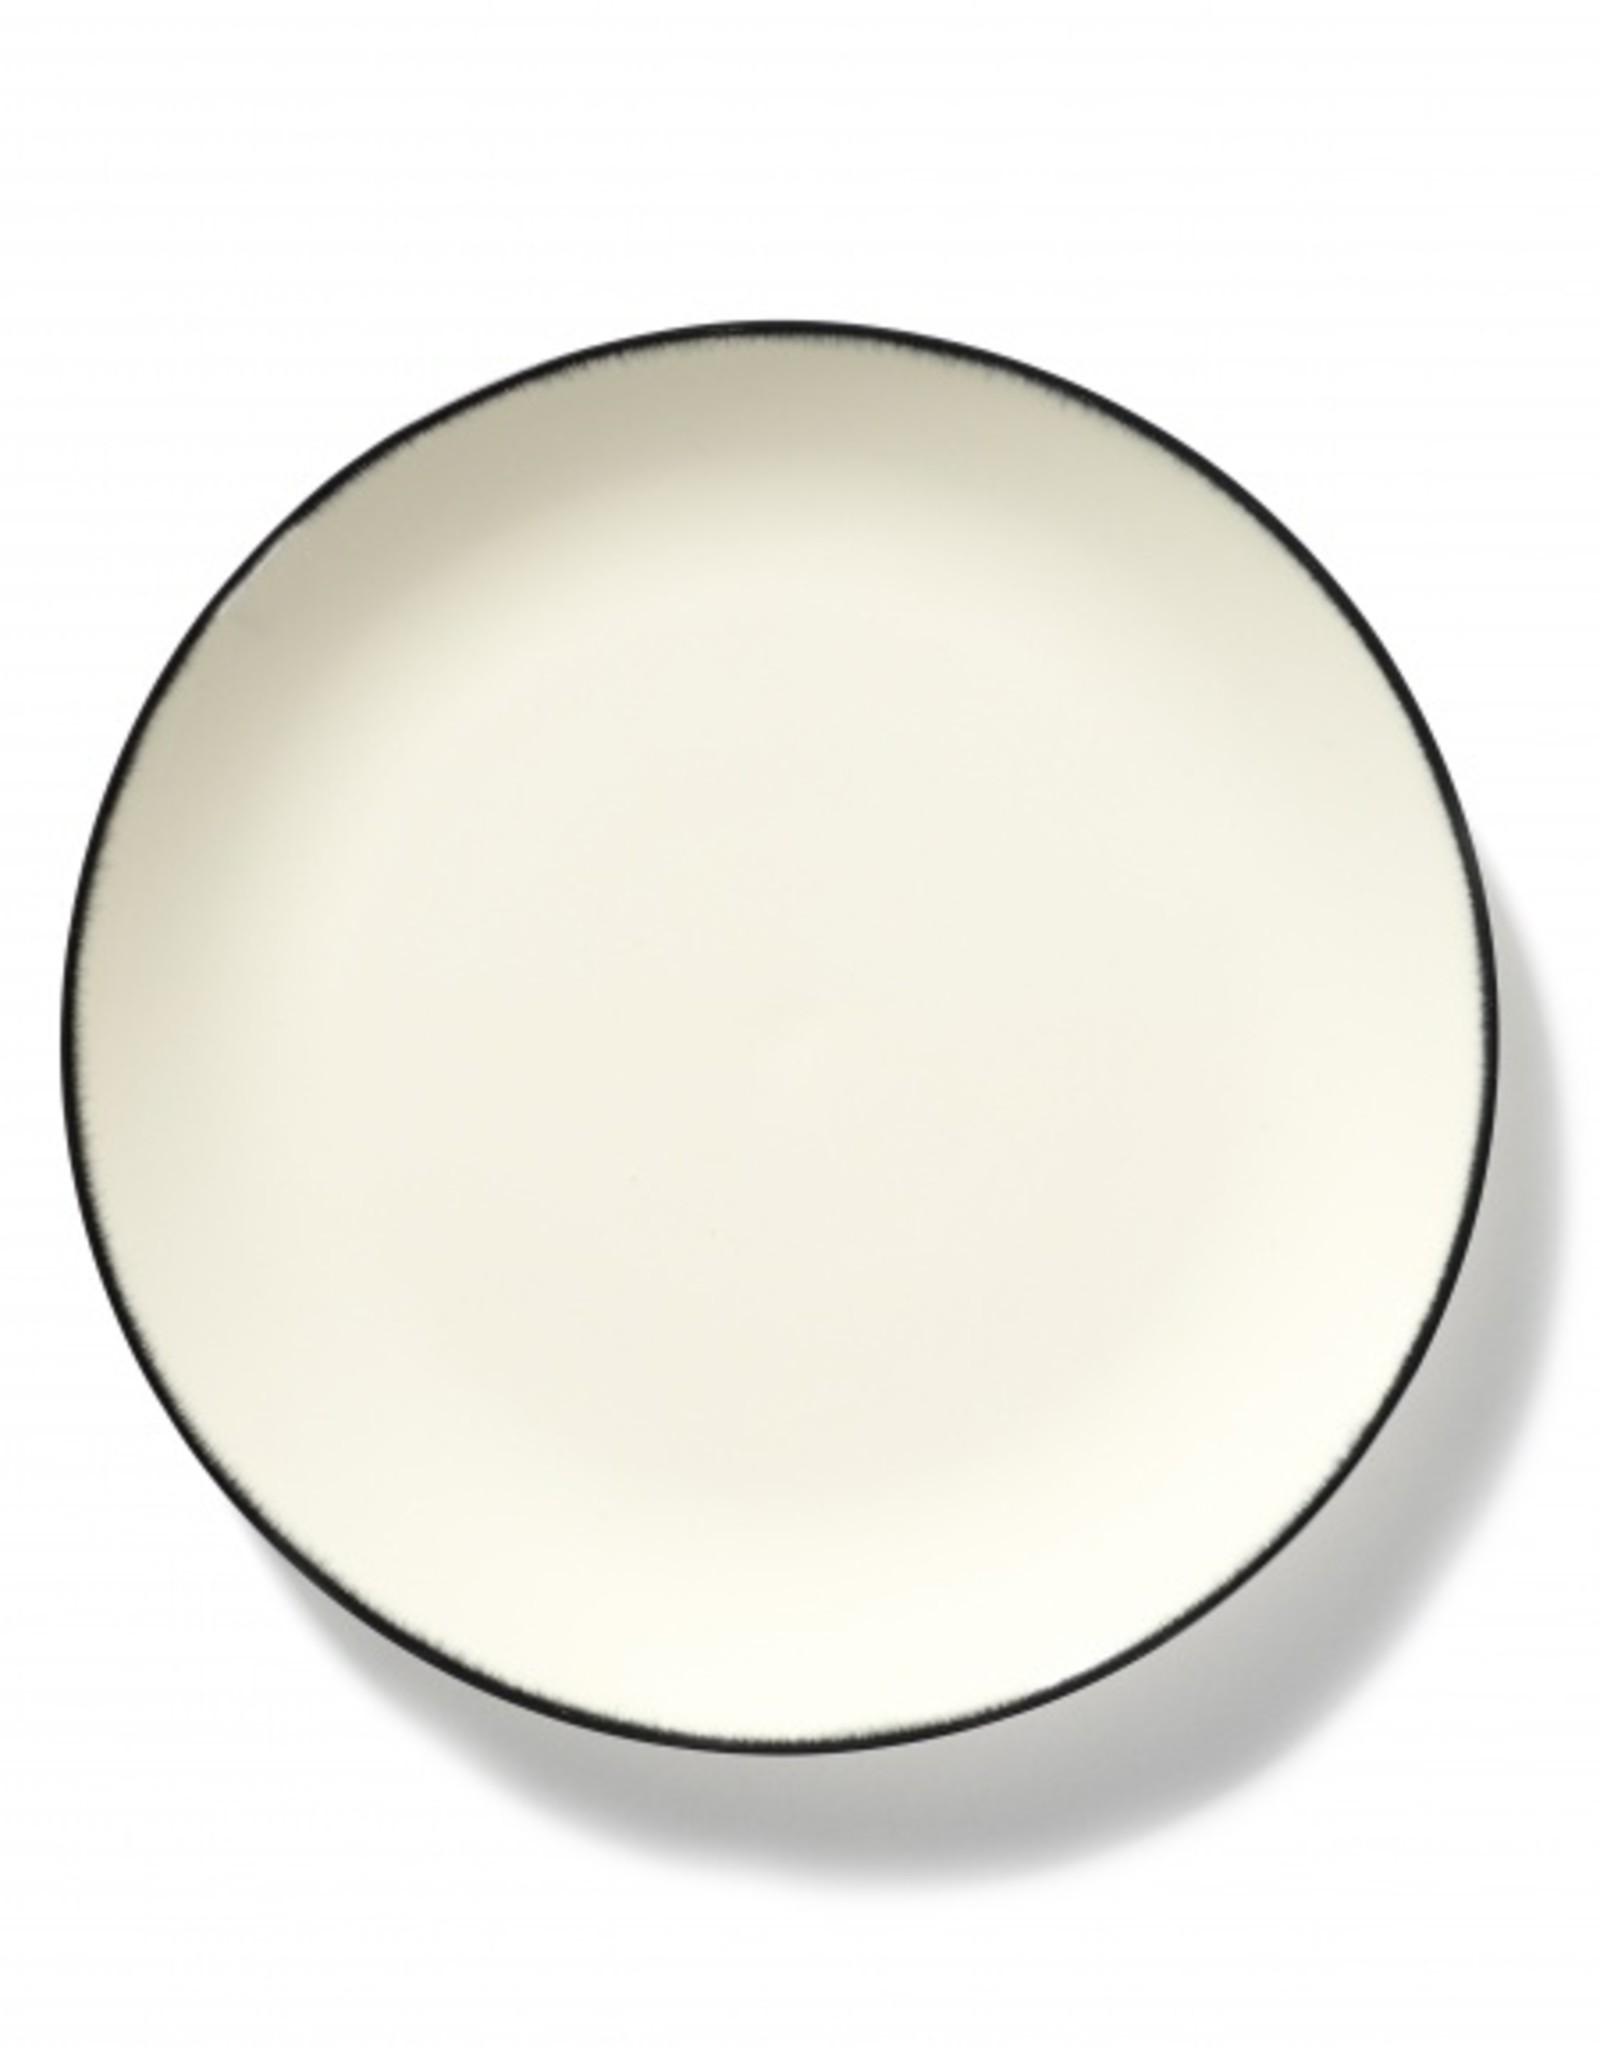 Ann demeulemeester Ann Demeulemeester for serax Plate D28 white-black 1